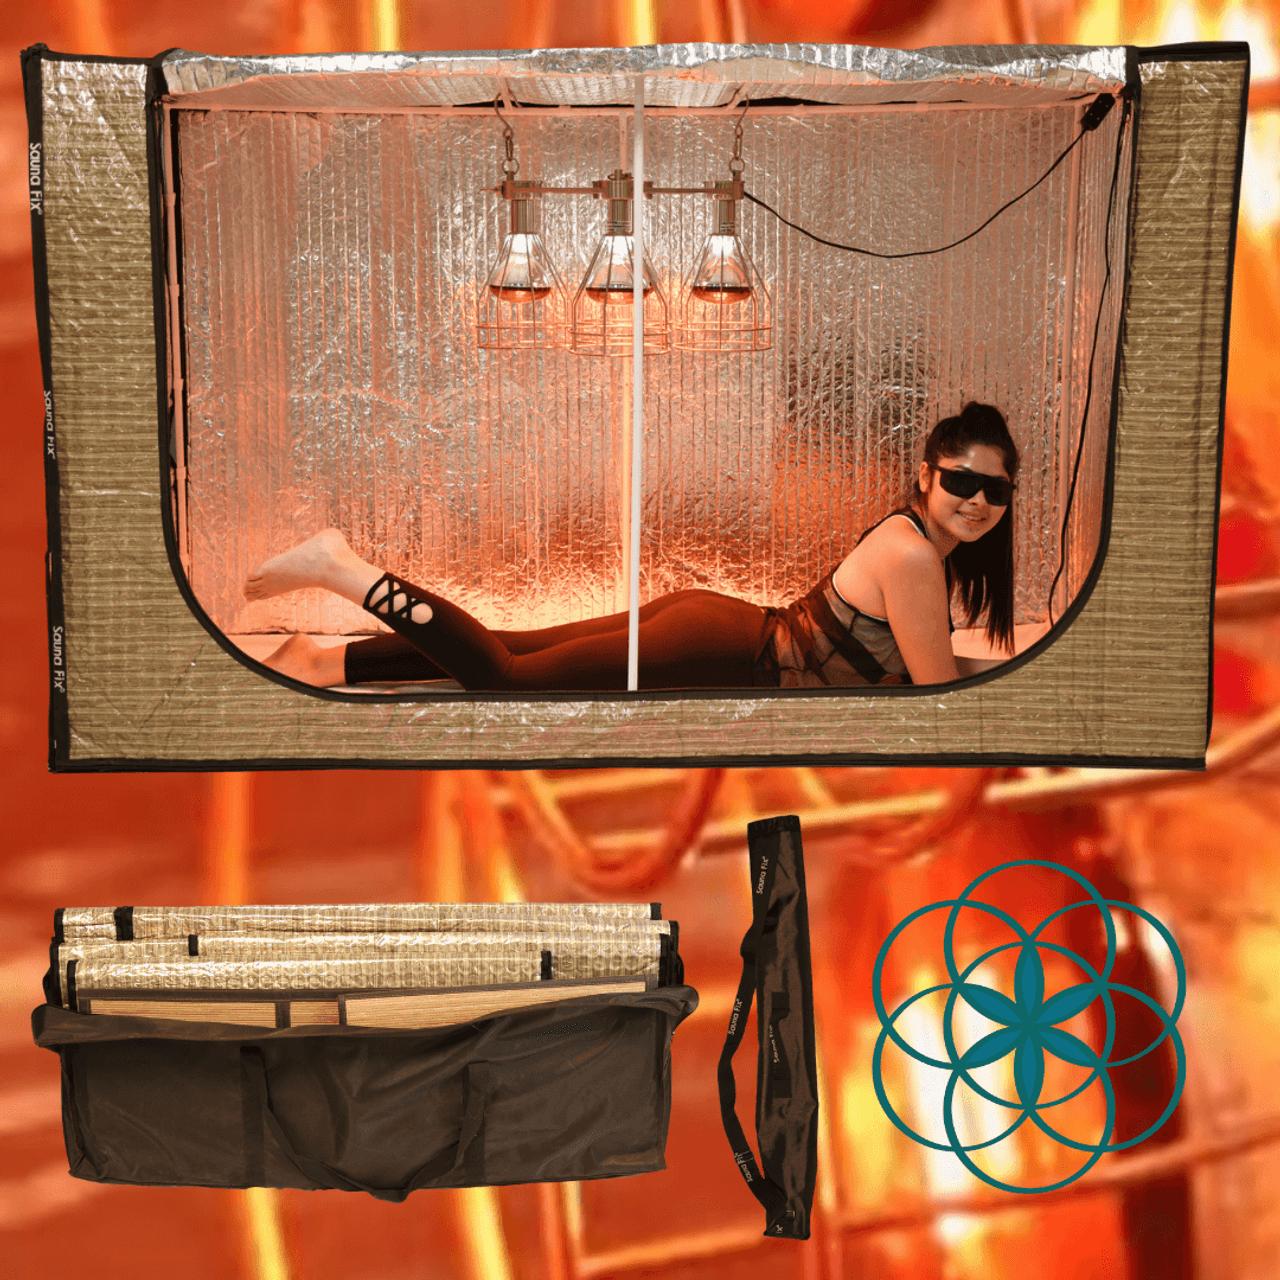 Sauna Fix near infrared Portable Sauna Bundle